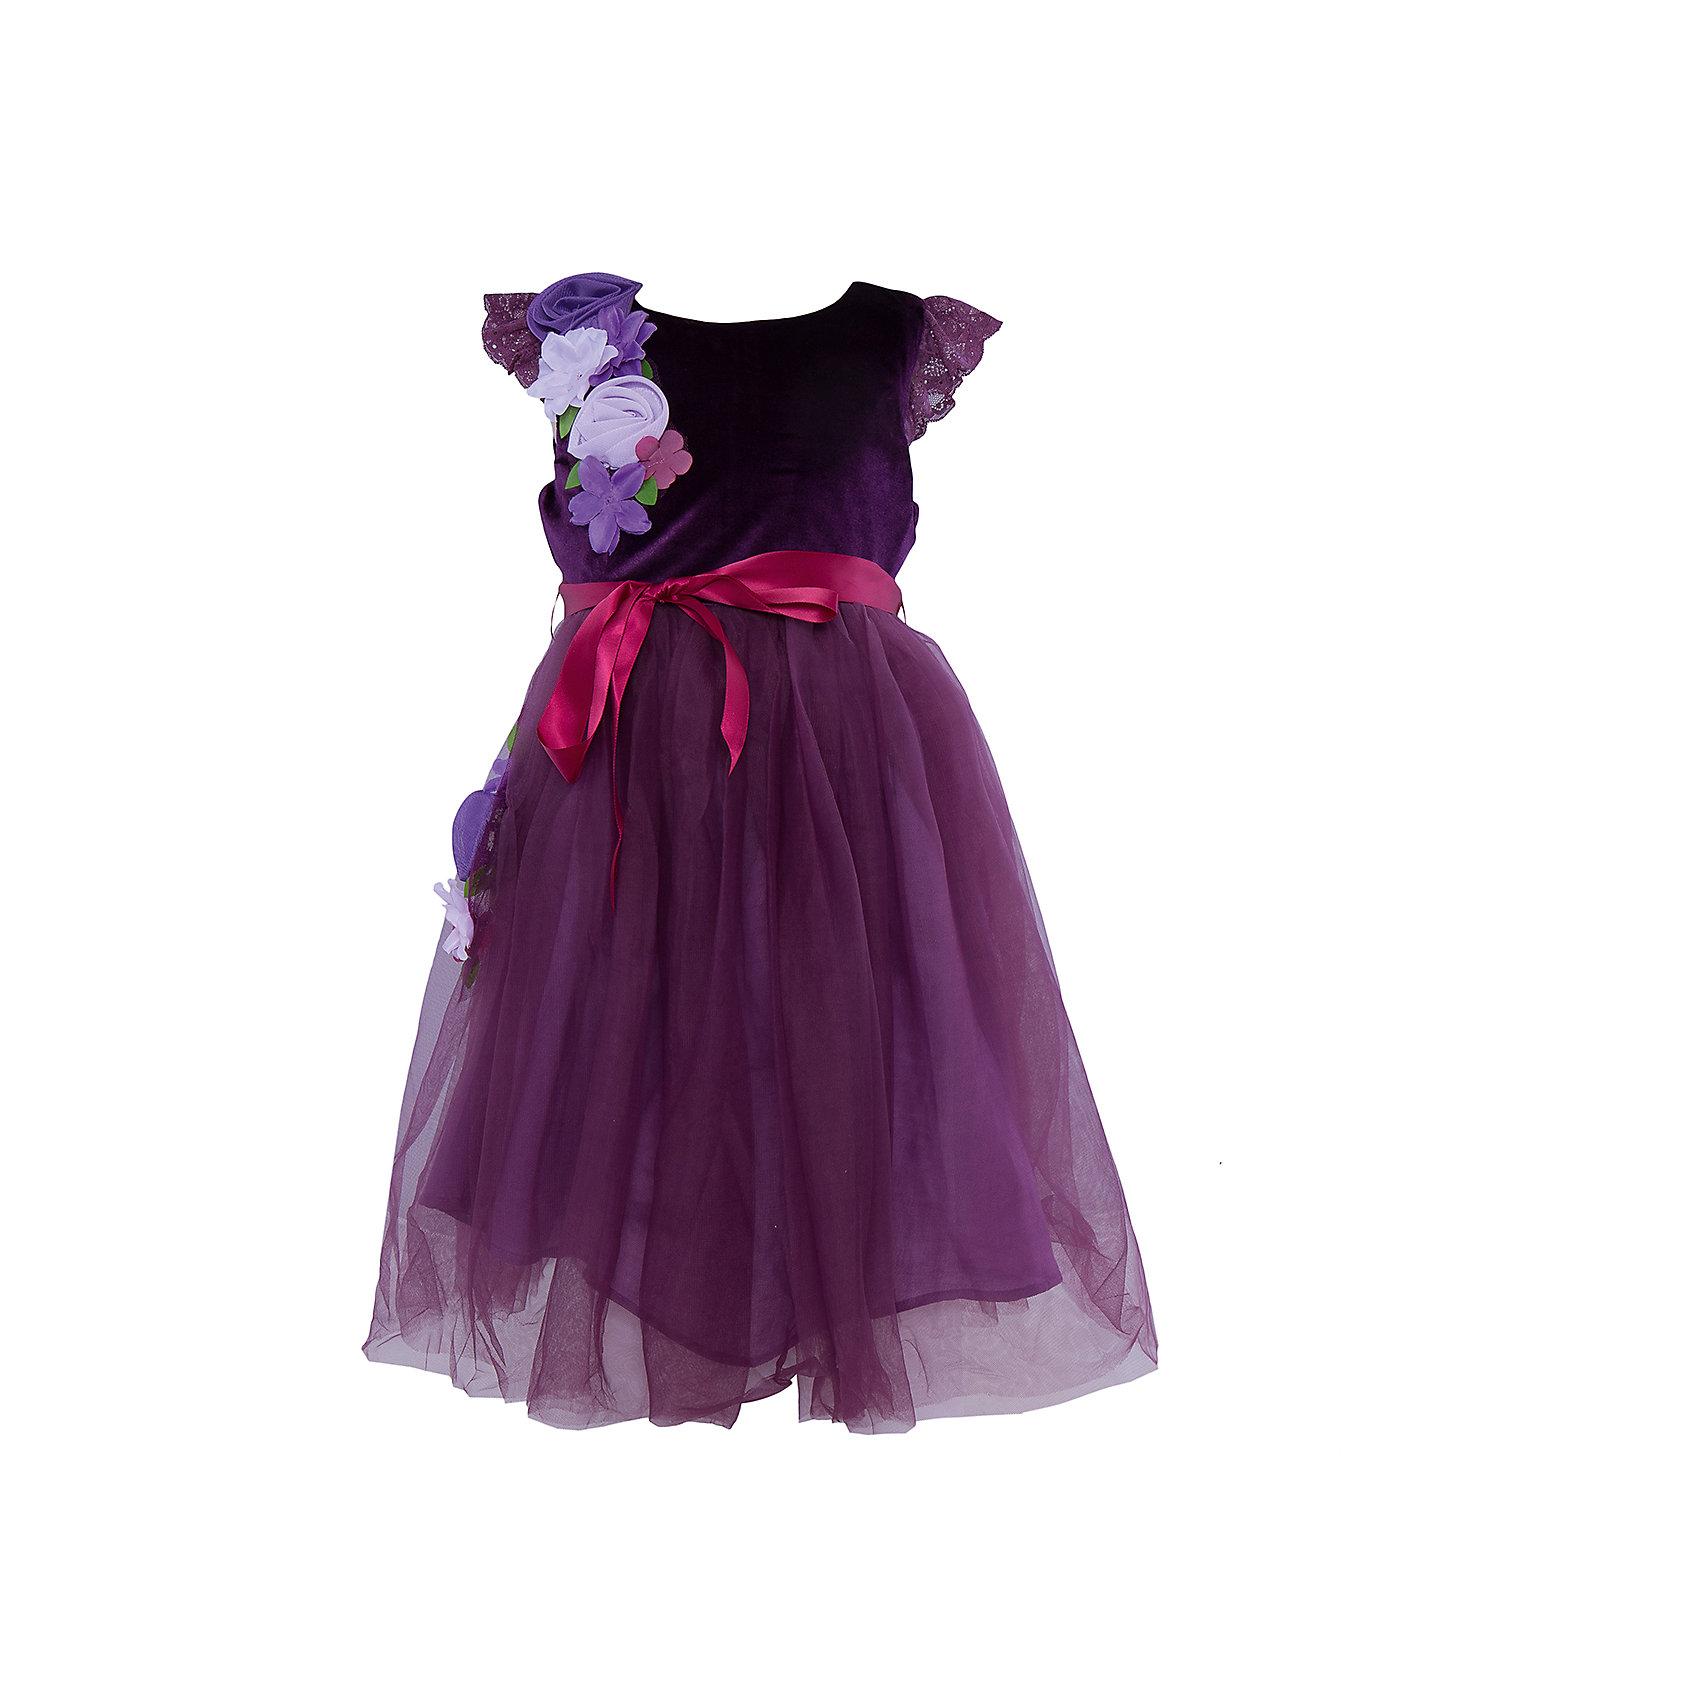 Нарядное платье для девочки Sweet BerryОдежда<br>Характеристики:<br><br>• Вид одежды: платье<br>• Предназначение: для праздника, торжеств<br>• Сезон: круглый год<br>• Материал: верх – 100% полиэстер; подкладка – 100% хлопок<br>• Цвет: сливовый, сиреневый<br>• Силуэт: А стиль<br>• Длина платья: макси<br>• Рукав: короткий, приспущенный<br>• Вырез горловины: круглый<br>• Застежка: молния на спинке<br>• Наличие пояса из атласной ленты<br>• Наличие декоративных текстильных цветов<br>• Особенности ухода: ручная стирка без применения отбеливающих средств, глажение при низкой температуре <br><br>Sweet Berry – это производитель, который сочетает в своей одежде функциональность, качество, стиль и следование современным мировым тенденциям в детской текстильной индустрии. <br>Праздничное платье сиренево-сливового цвета для девочки от знаменитого производителя детской одежды Sweet Berry выполнено из сочетания бархатного верха и пышной юбки из сетки. Имеет классический А силуэт, круглую горловину, короткий рукав, декорированный кружевом в тон платья. В комплекте с платьем предусмотрен поясок из яркой атласной ленты, который можно завязывать бантиком. Платье оформлено декоративными текстильными цветами, расположенными на юбке и плече. На спинке имеется застежка-молния до талии. Праздничные платья от Sweet Berry – это залог успеха вашего ребенка на любом торжестве!<br><br>Платье для девочки Sweet Berry можно купить в нашем интернет-магазине.<br><br>Ширина мм: 236<br>Глубина мм: 16<br>Высота мм: 184<br>Вес г: 177<br>Цвет: лиловый<br>Возраст от месяцев: 24<br>Возраст до месяцев: 36<br>Пол: Женский<br>Возраст: Детский<br>Размер: 98,104,110,116,122,128<br>SKU: 5052056